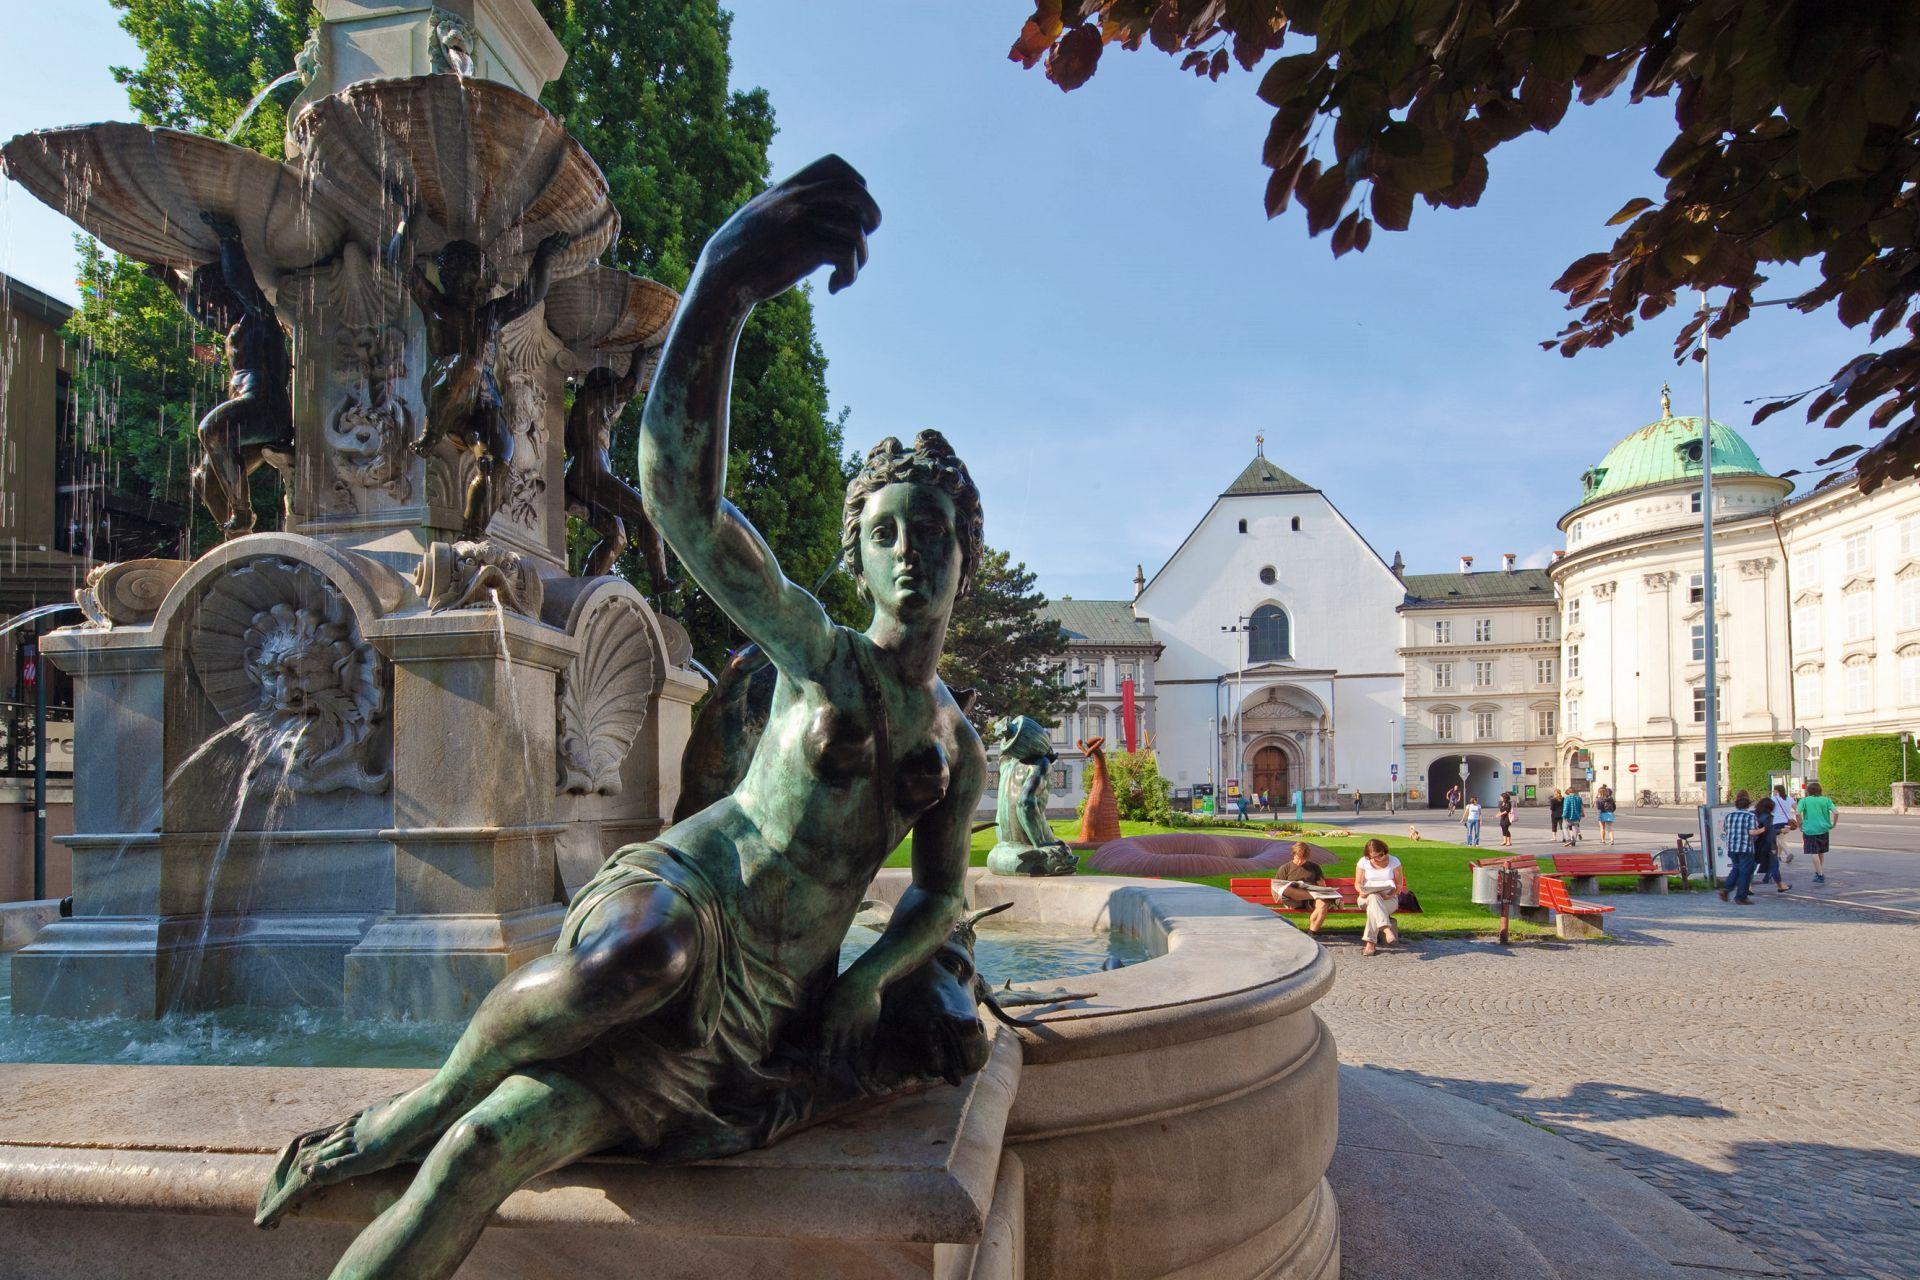 Idyllisch geht es rund um die Hofburg zu.  (Foto: Innsbruck Tourismus/Christof Lackner)